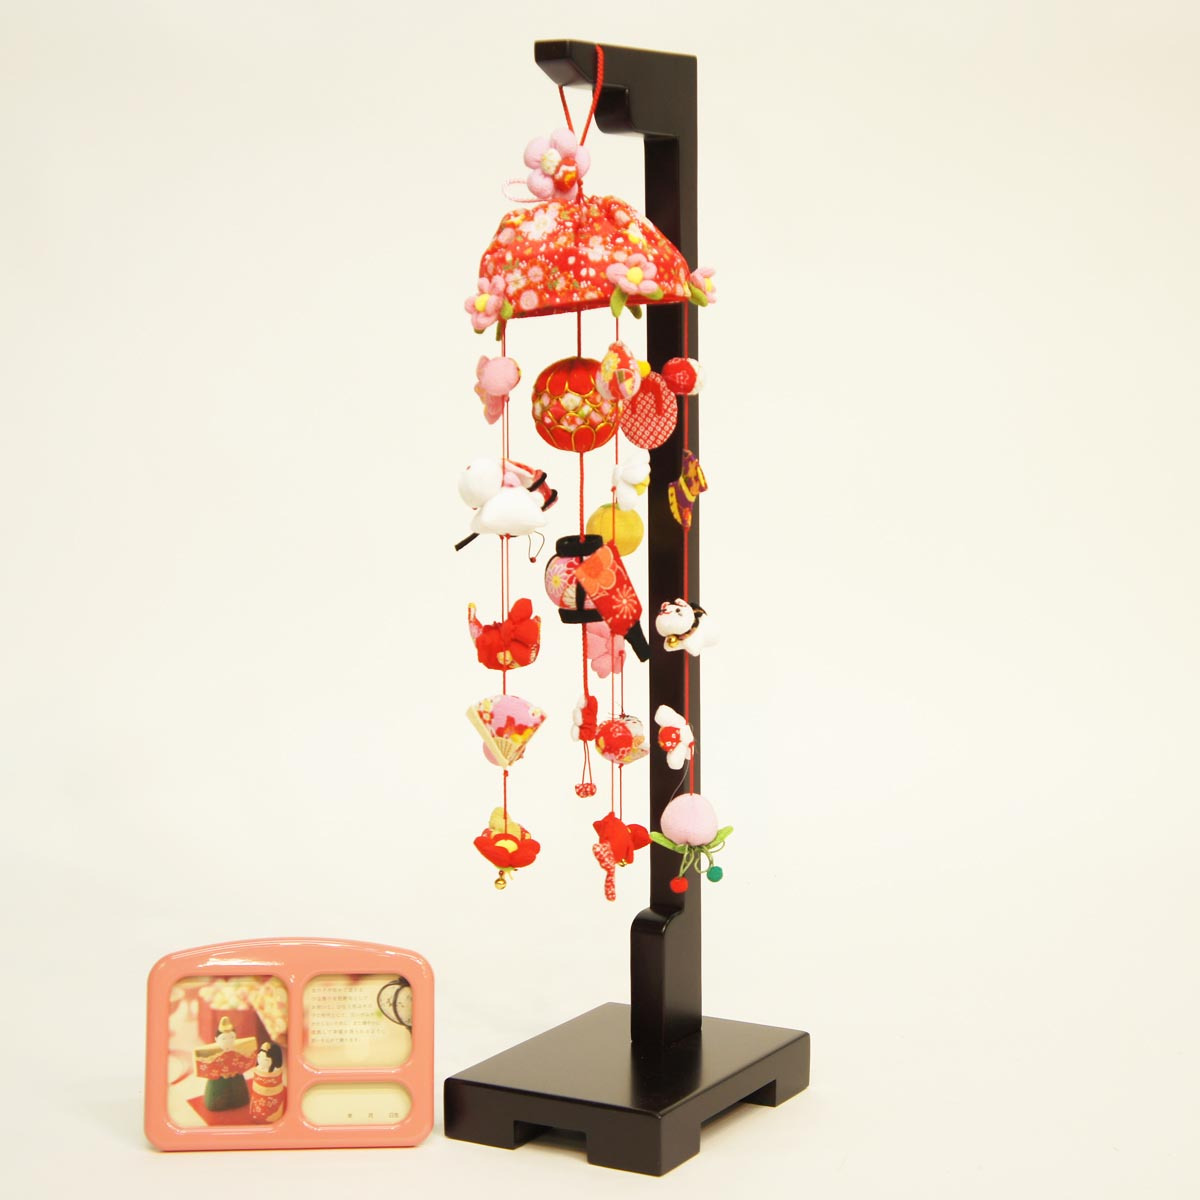 ひなもも (小) スタンド付き オルゴール付き TRS-BK-SB-G002S送料無料 ※北海道 沖縄は除く つるし雛 吊るし飾り で 桃の節句 雛祭り ひな祭り 雛人形 のお祝いに